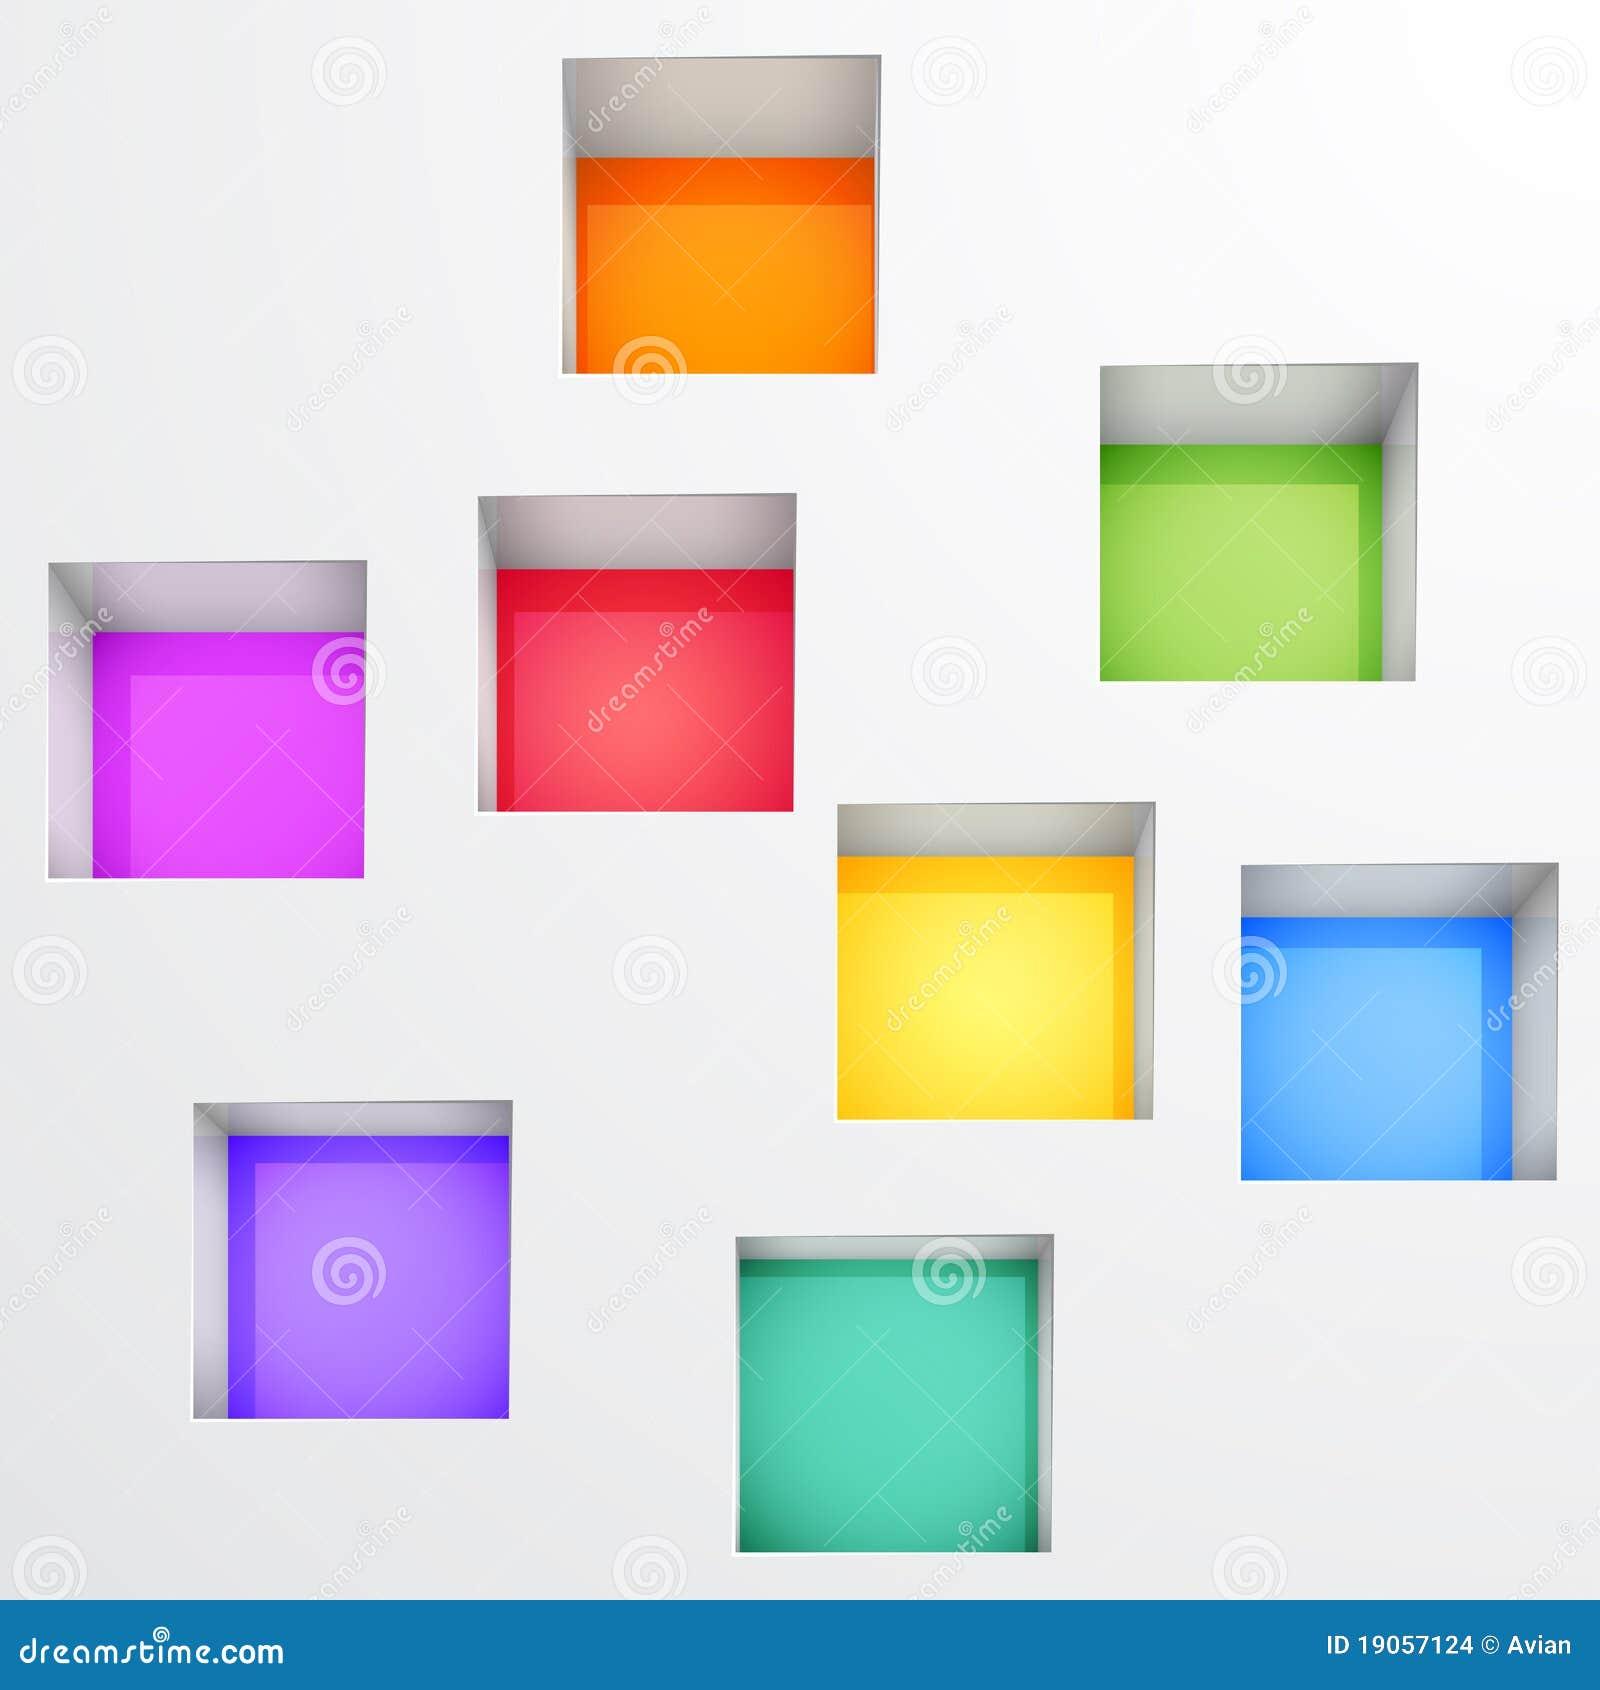 d vacian los estantes para el objeto expuesto en la pared imagenes de archivo